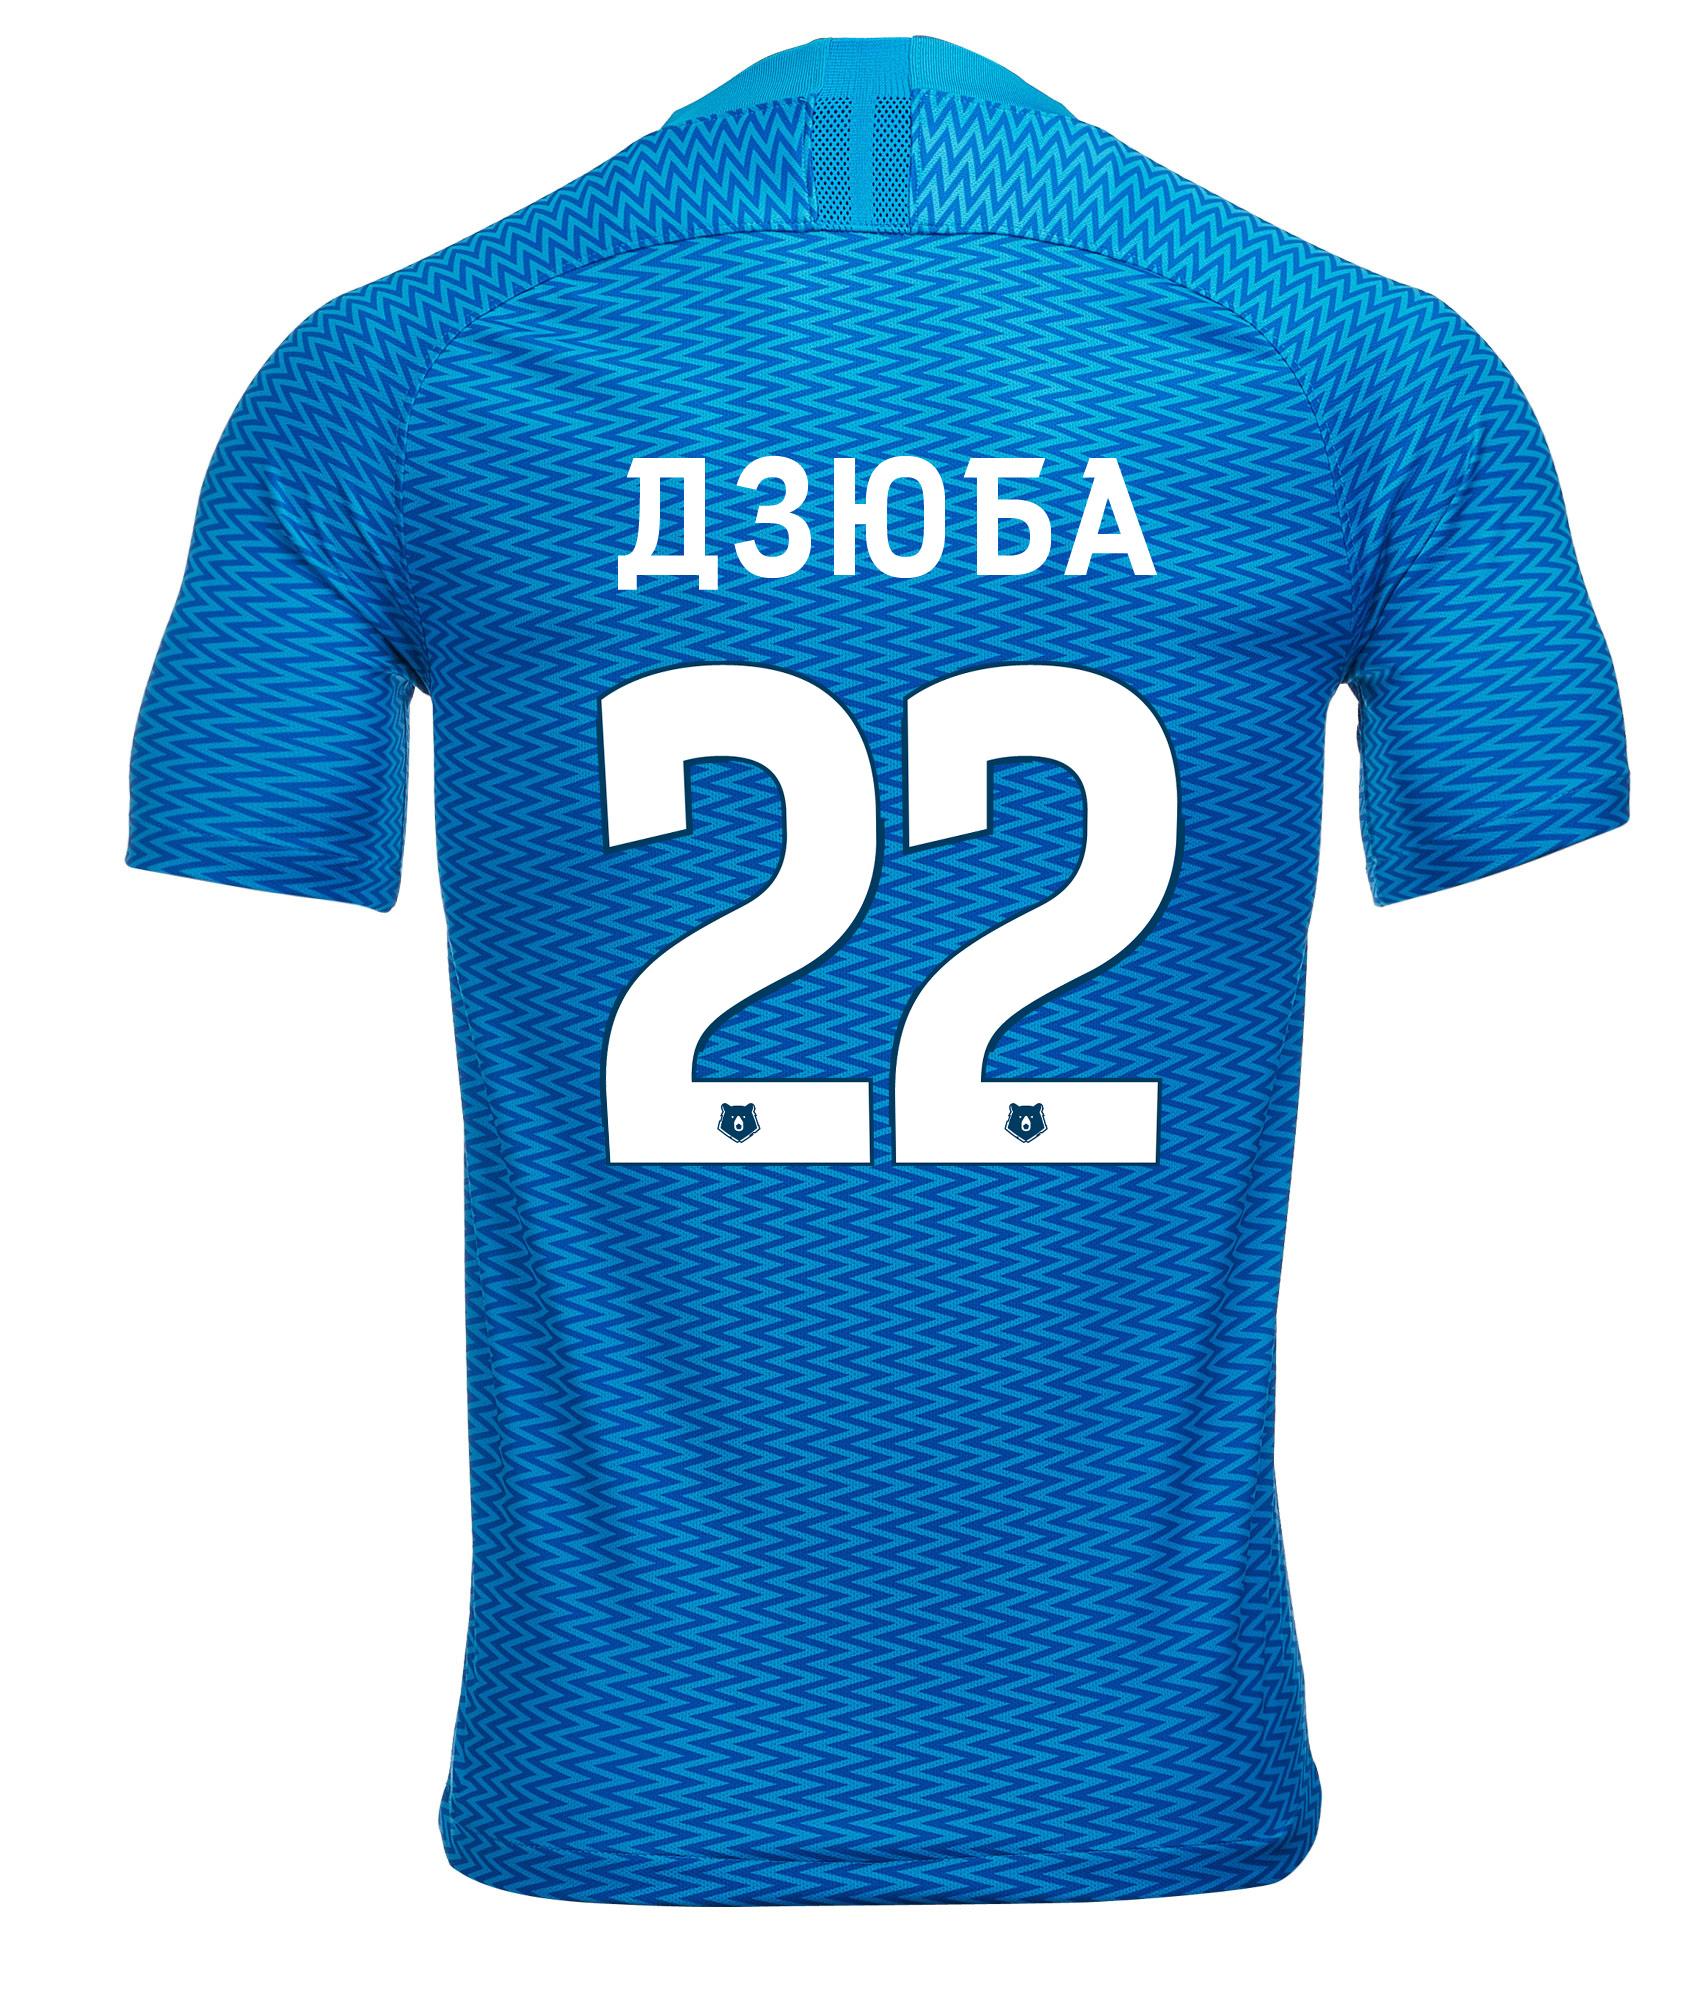 Домашняя игровая футболка Nike Дзюба 22 2018/19 Nike футболка игровая домашняя nike barcelona 2018 19